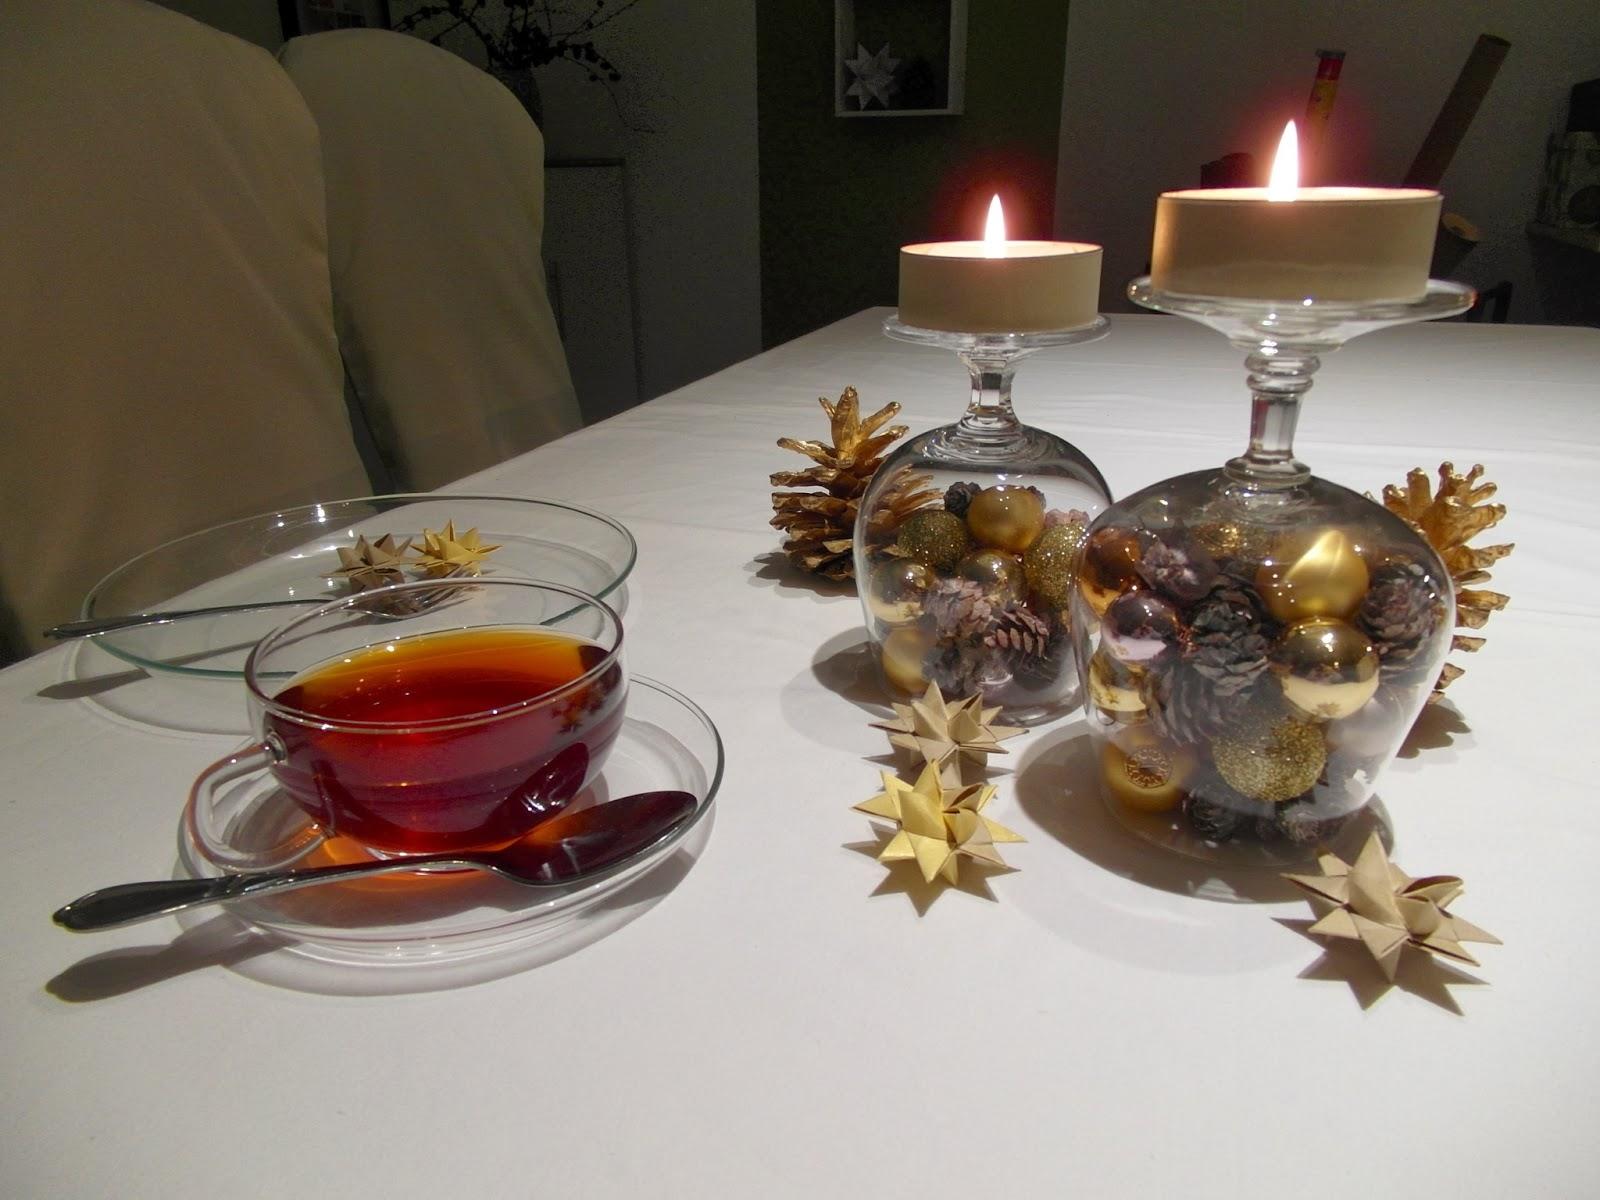 Haus voller ideen weihnachtliche tischdeko for Bilder deko